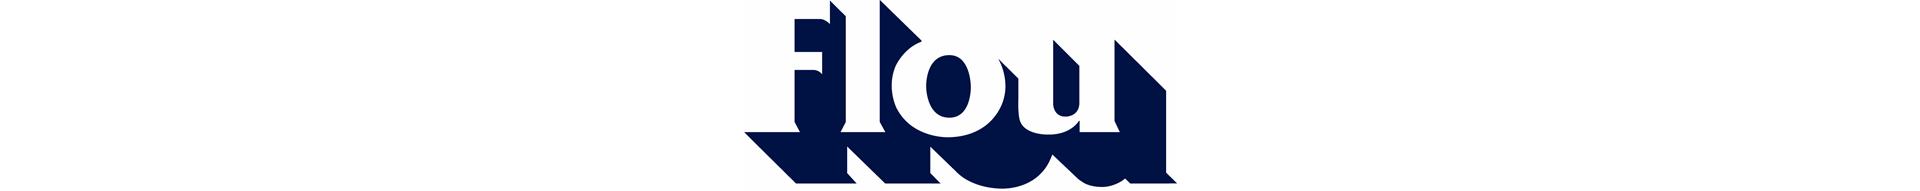 Flou_Logo_Web.png